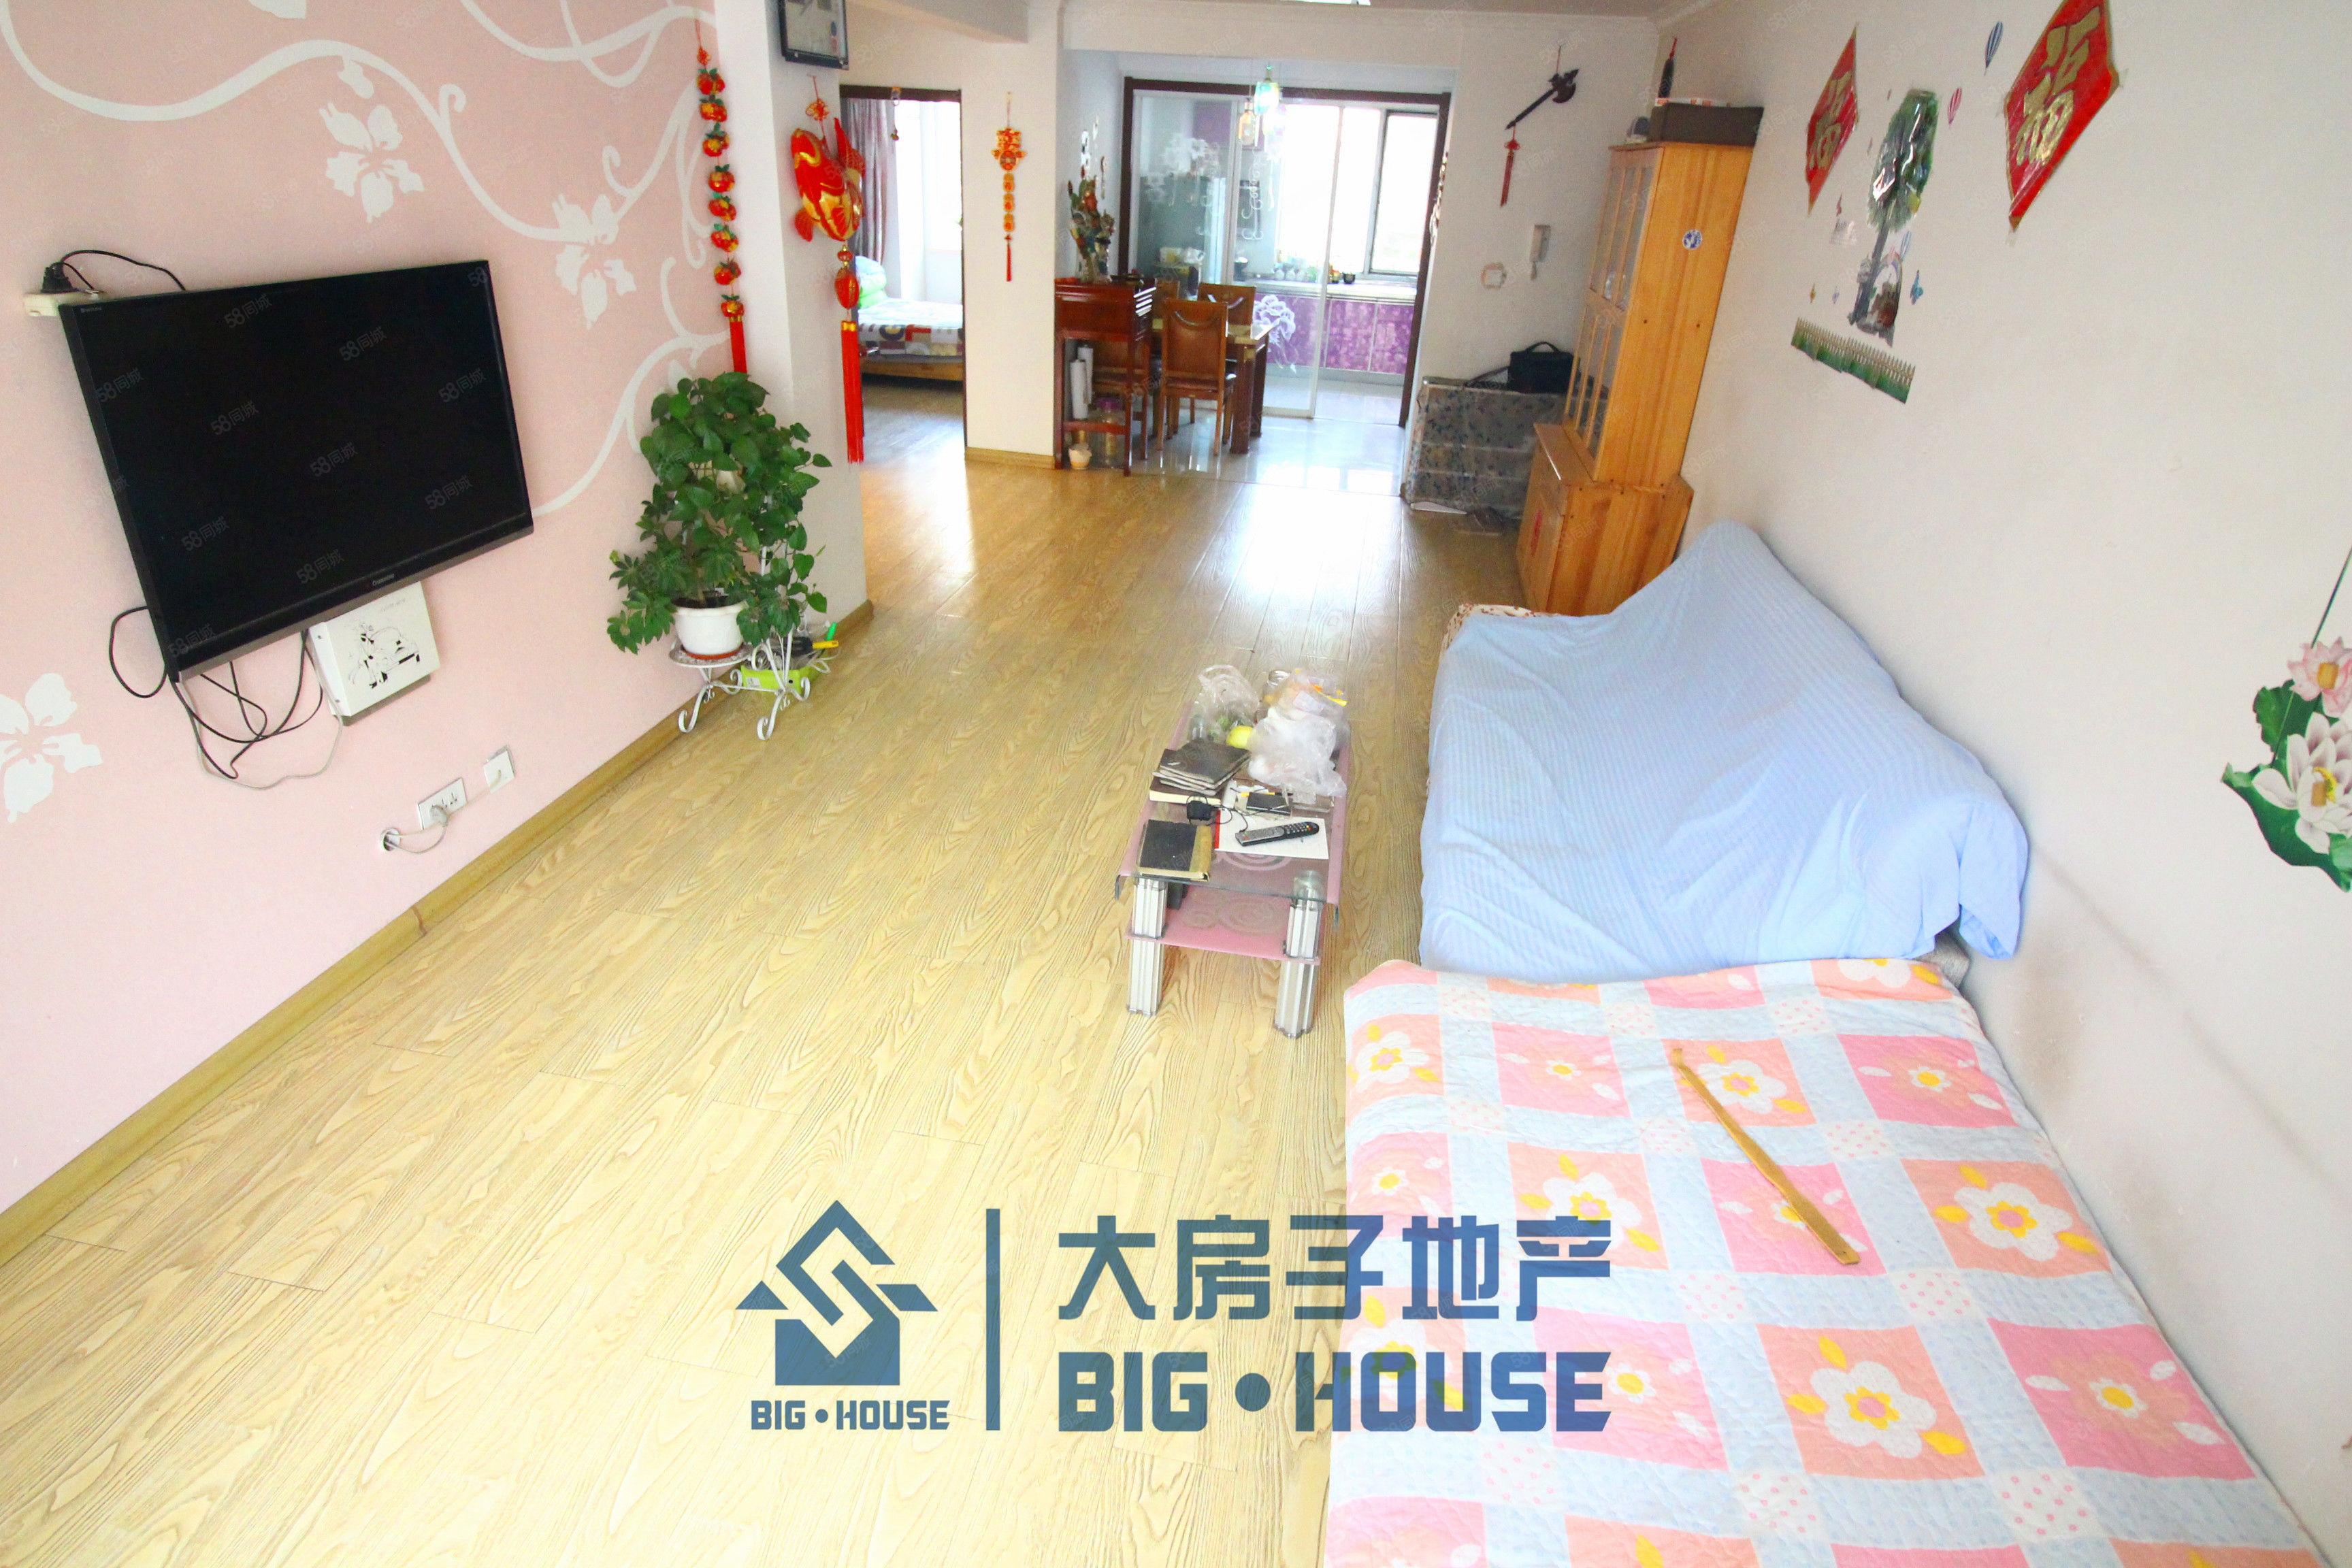 福興家園南排二樓錦州樂精裝修地暖房本可貸款